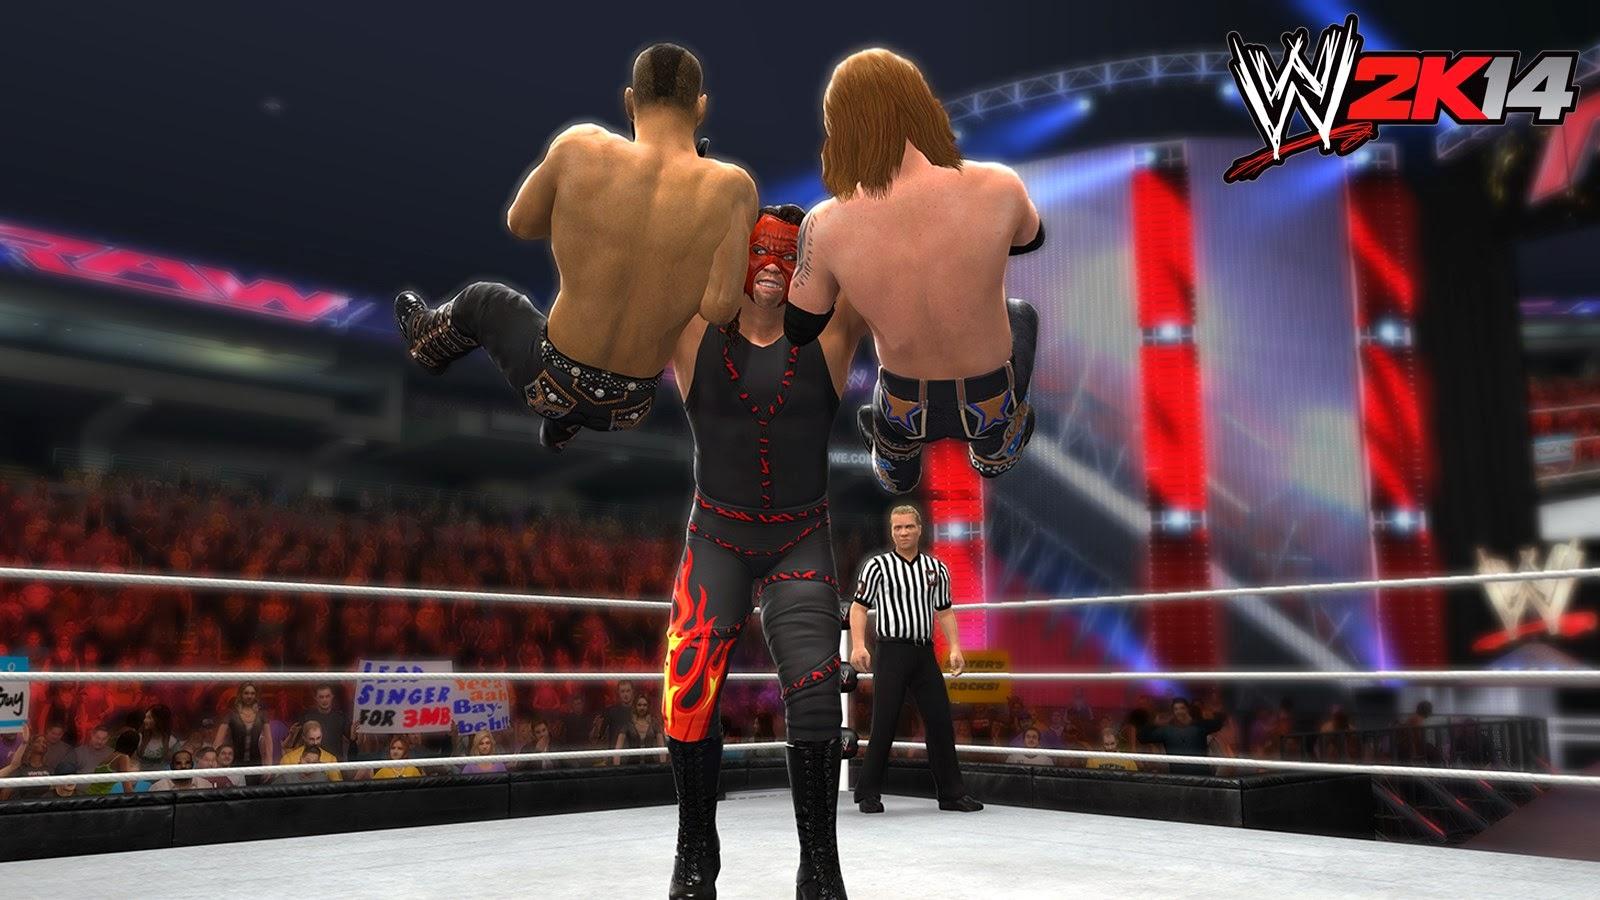 WWE 2K14 (Video Game Review) - BioGamer Girl